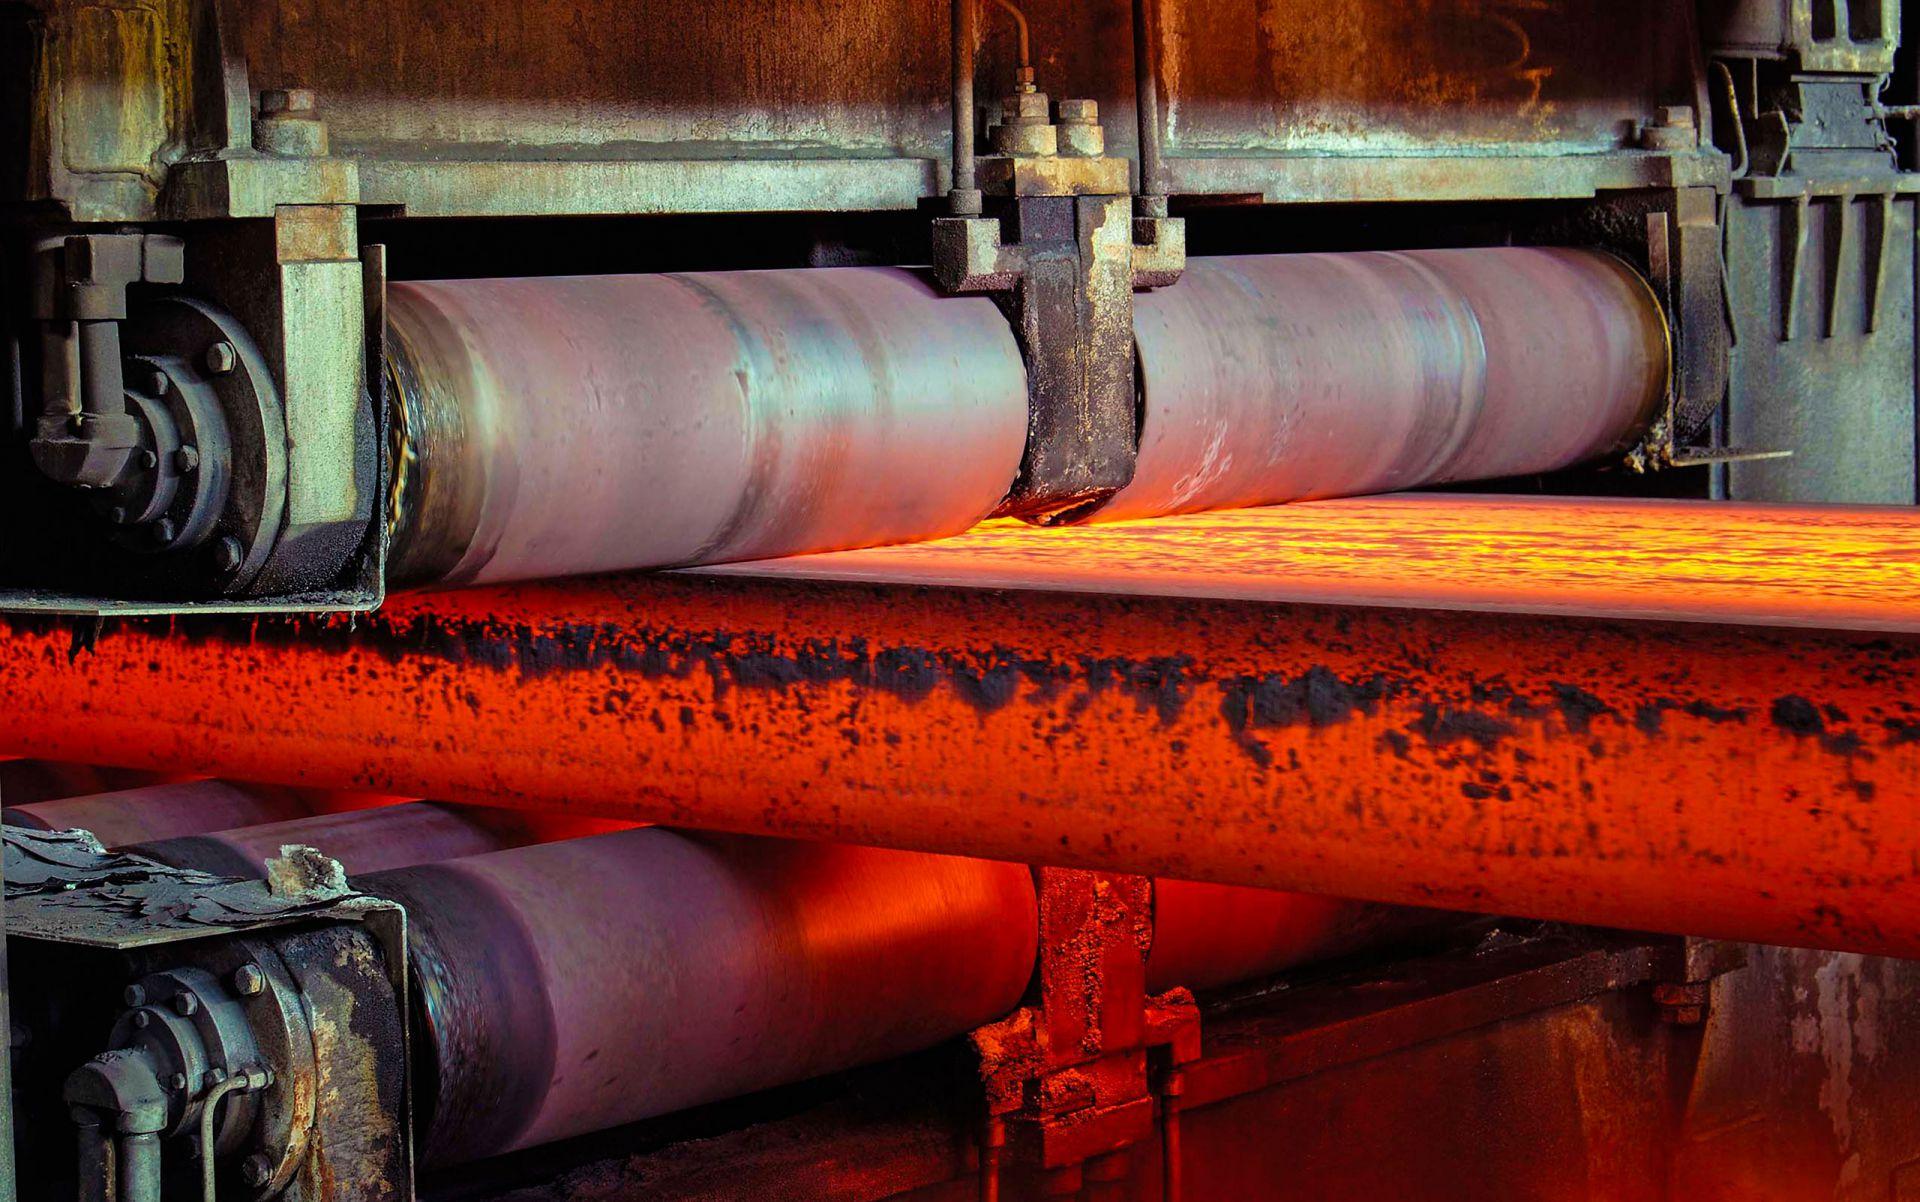 Ložiska v tratích kontilití pracují v extrémně obtížných podmínkách a znečištěném prostředí.